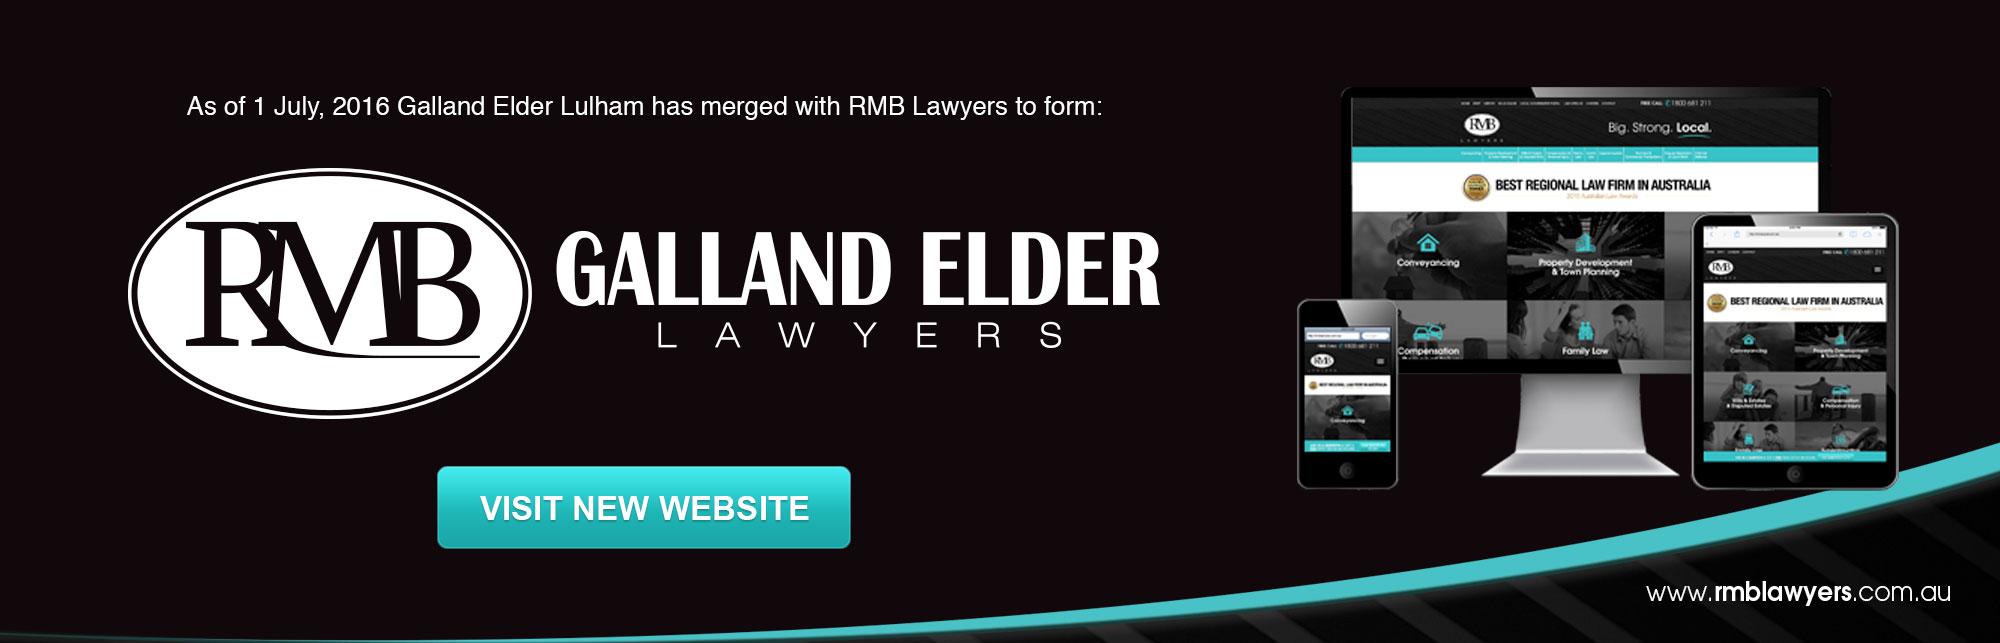 RMB Galland Elder Lawyers